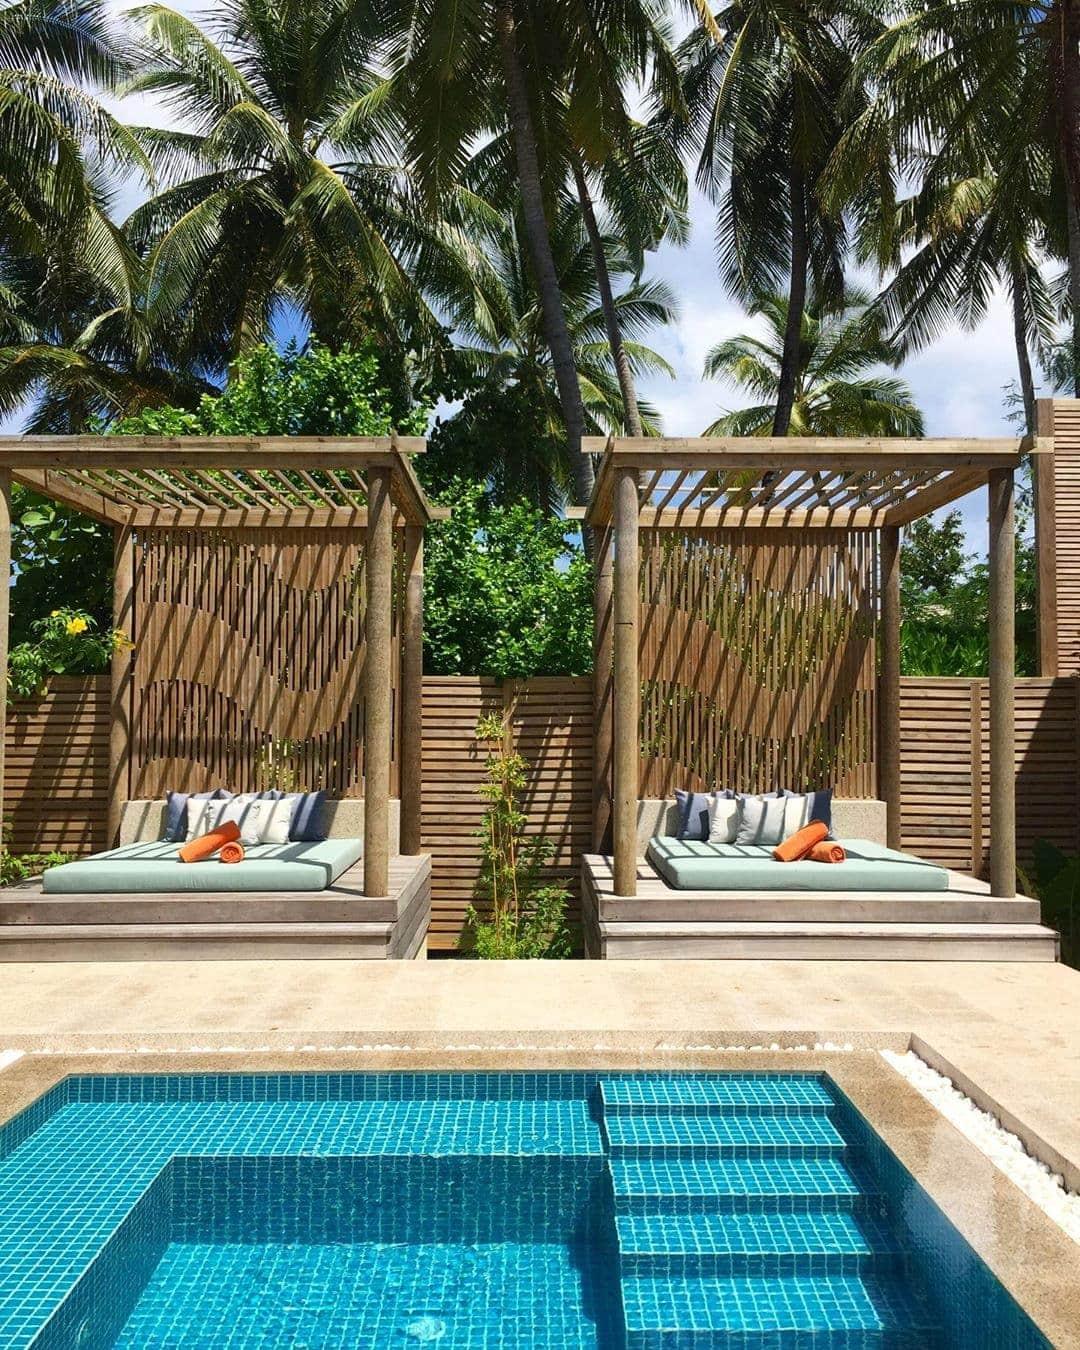 Wir haben ein neues #lieblingshotel entdeckt: das @faarufushimaldives. Jeder Fleck der kleinen Trauminsel ist ein Wohlfühlort, der wunderschöne Spa ganz besonders. Hach – wer kommt mit? #comewithme #lieblingshotel #spagoals #followthesun #faarufushimaldives #faarufushi #maledives #passionpassport #travelwithme #luxury #hoteltipp #paradies #travel